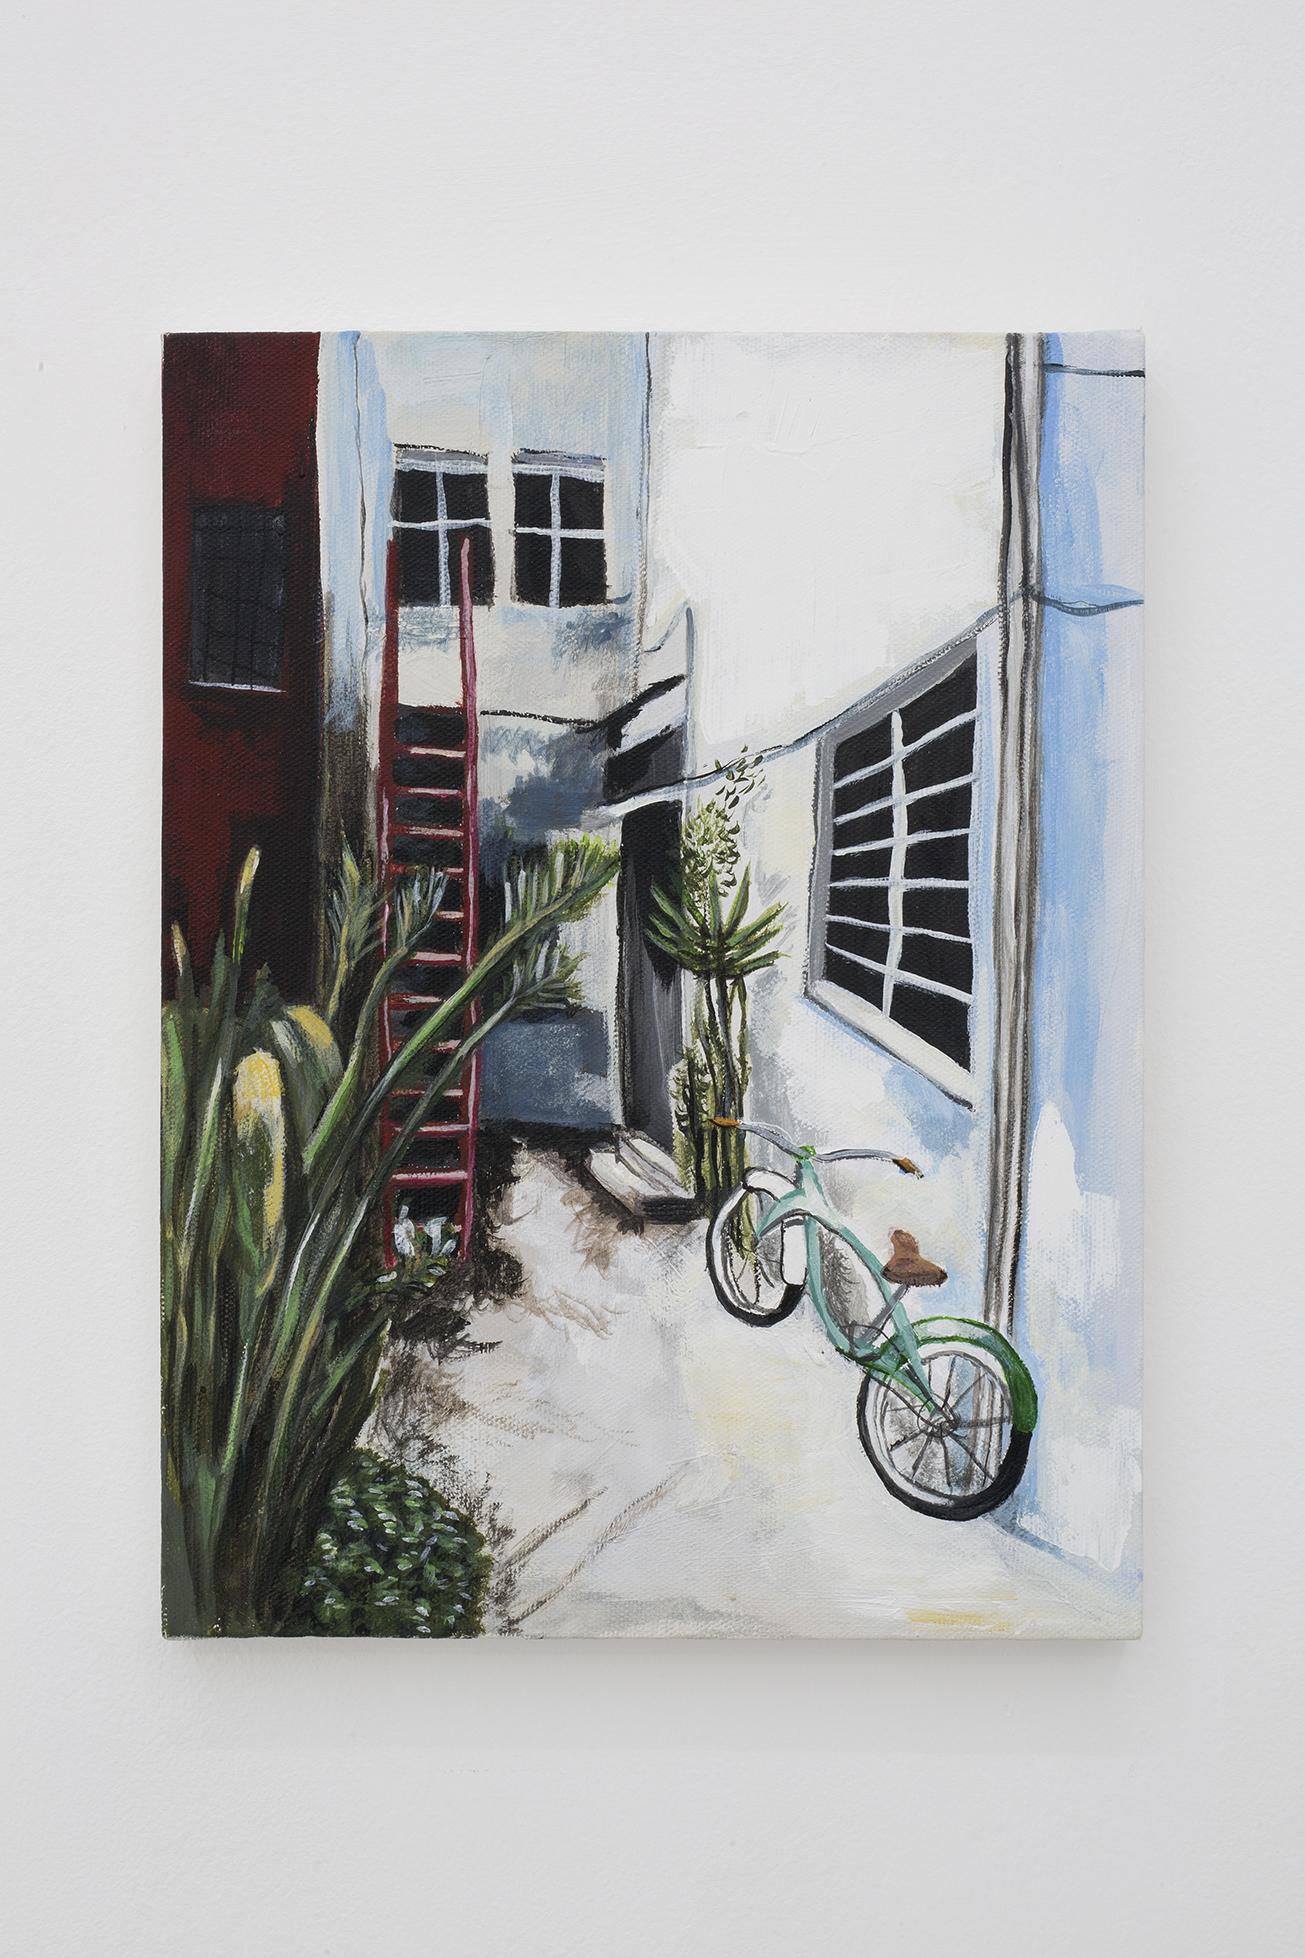 Shana Sharp, Bycicle, 2018. Acrylic on canvas. 9 x 12 inch (22.86 x  30.48 cm)